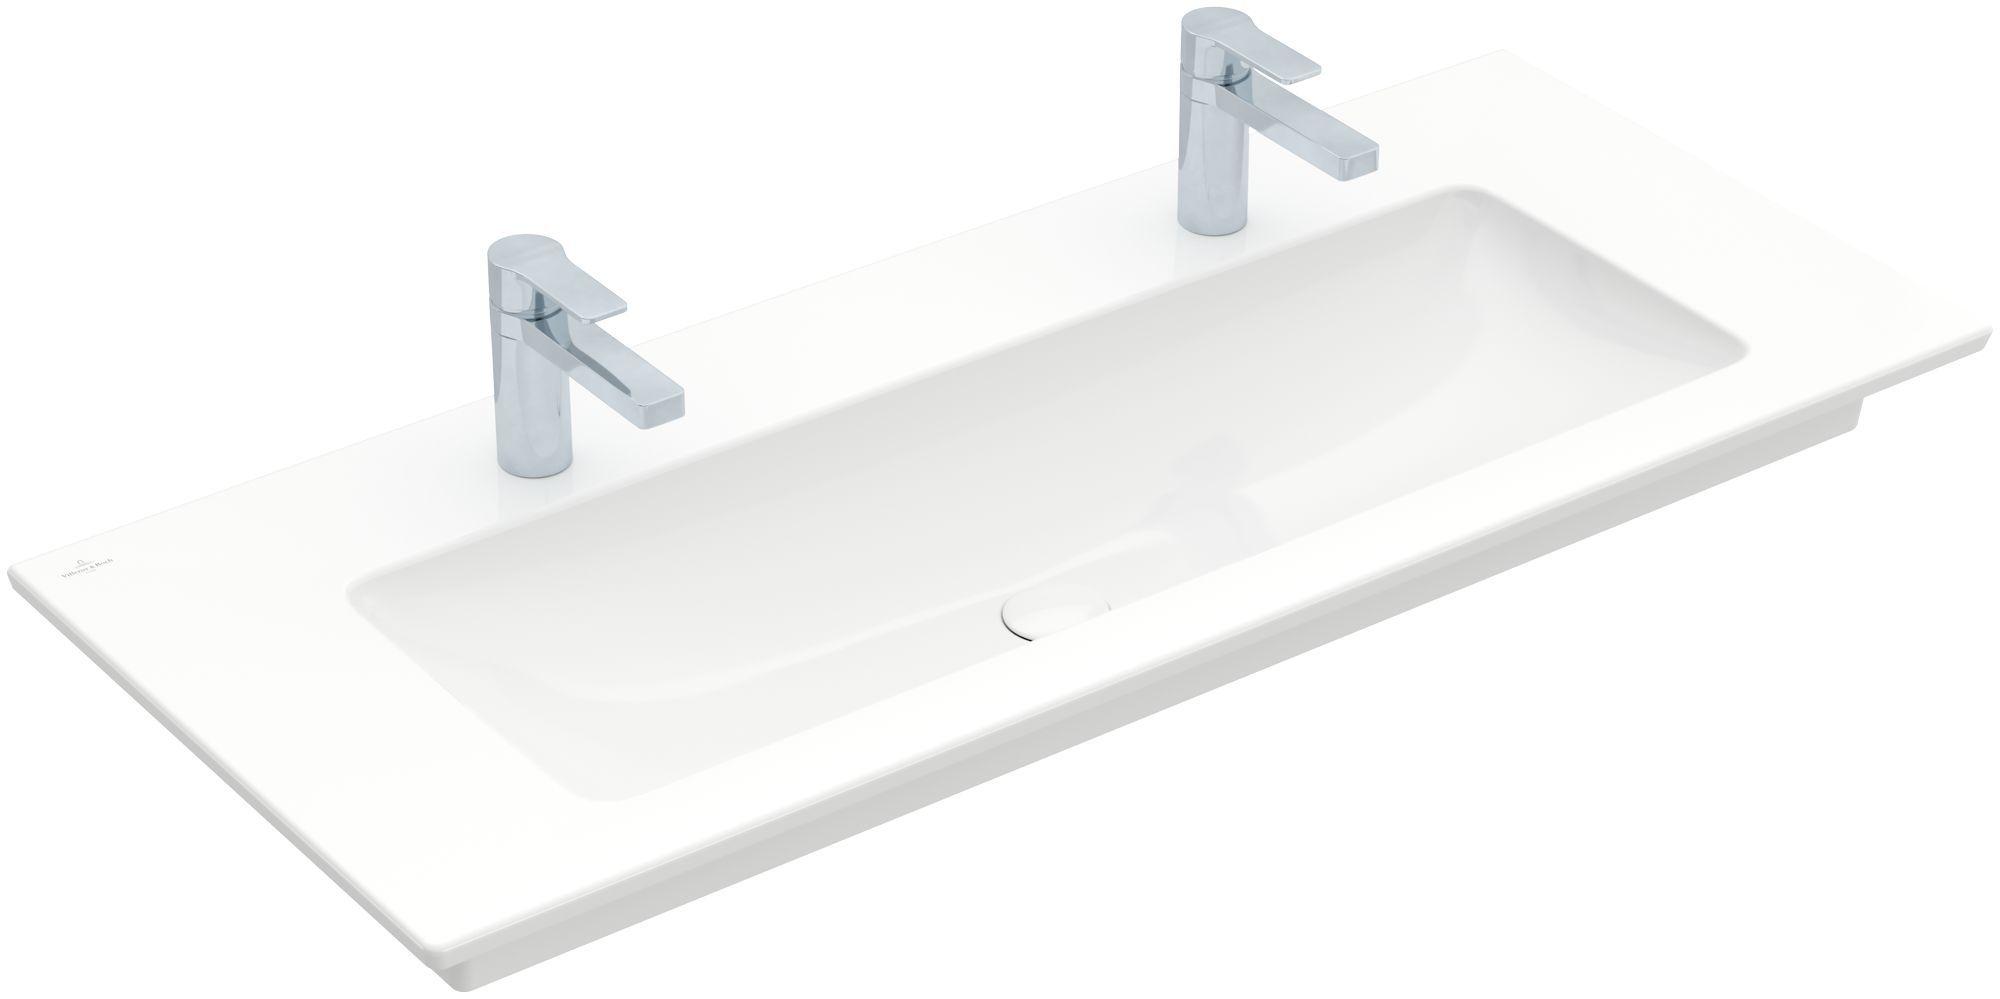 Villeroy & Boch Venticello Möbelwaschtisch B:120xT:50cm 2 Hahnlöcher ohne Überlauf weiß 4104CG01